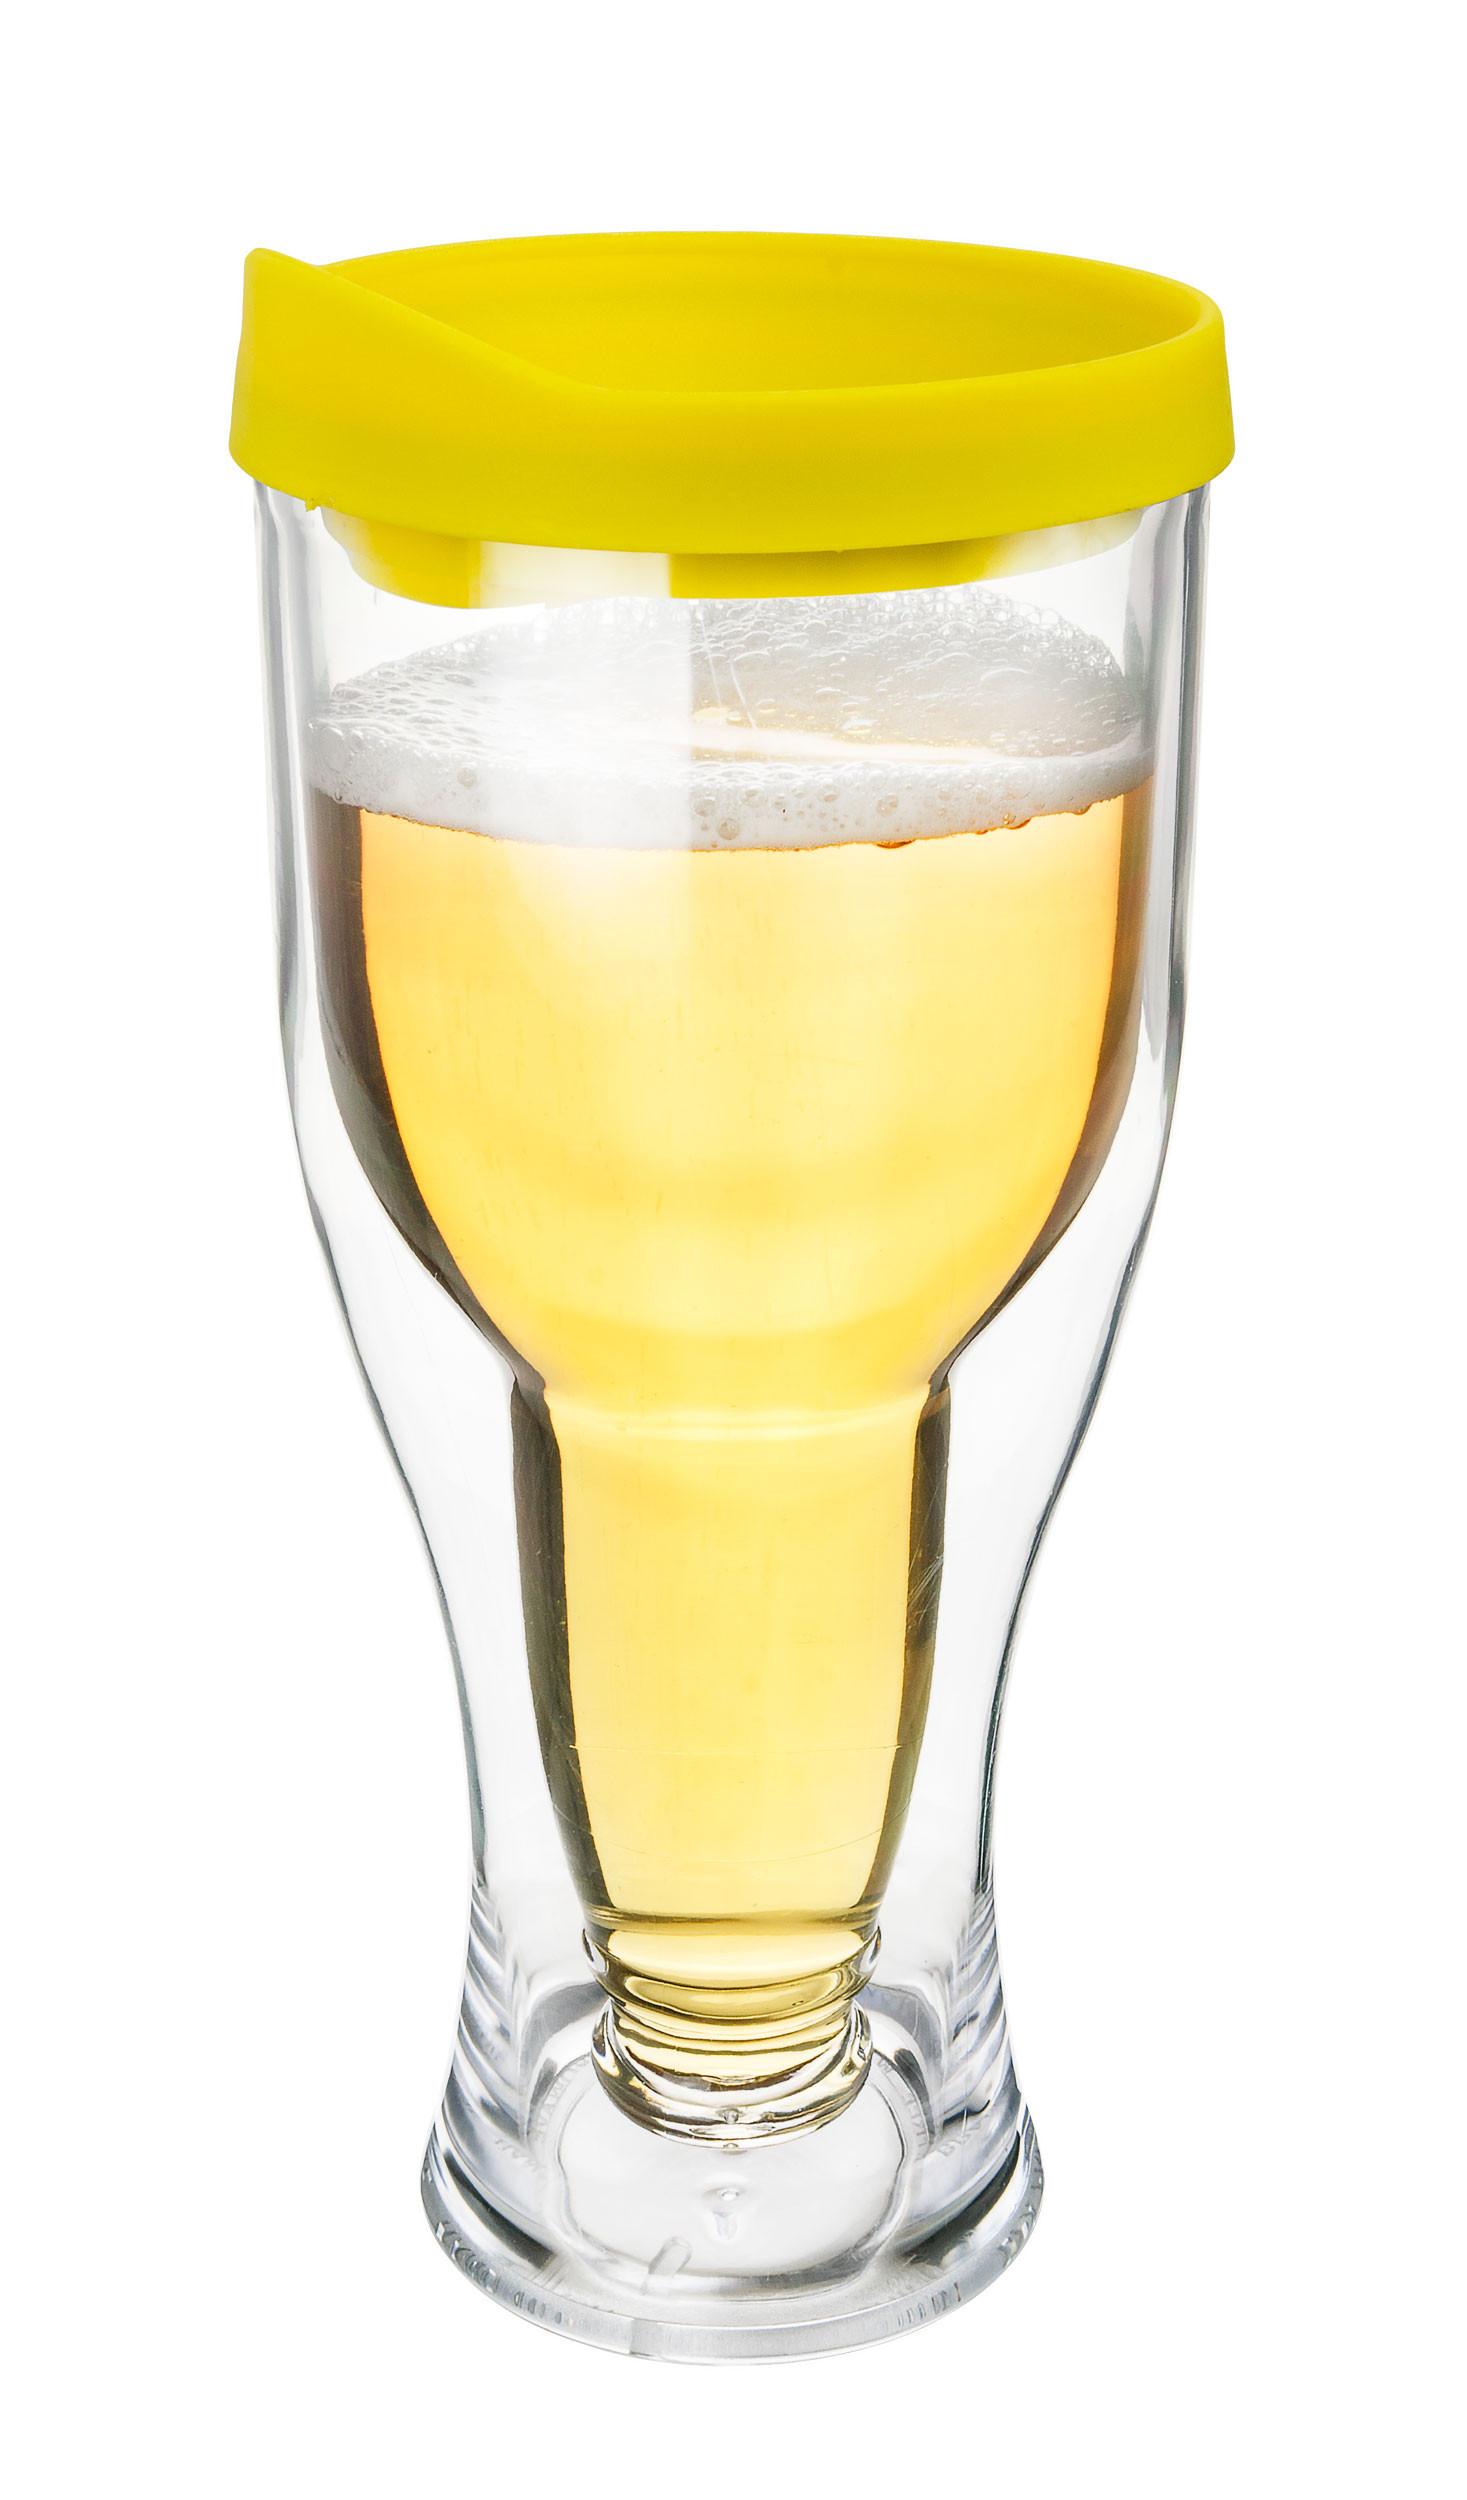 Beer Tumbler w/ Yellow / Gold Lid - Double Wall Acrylic - 14oz